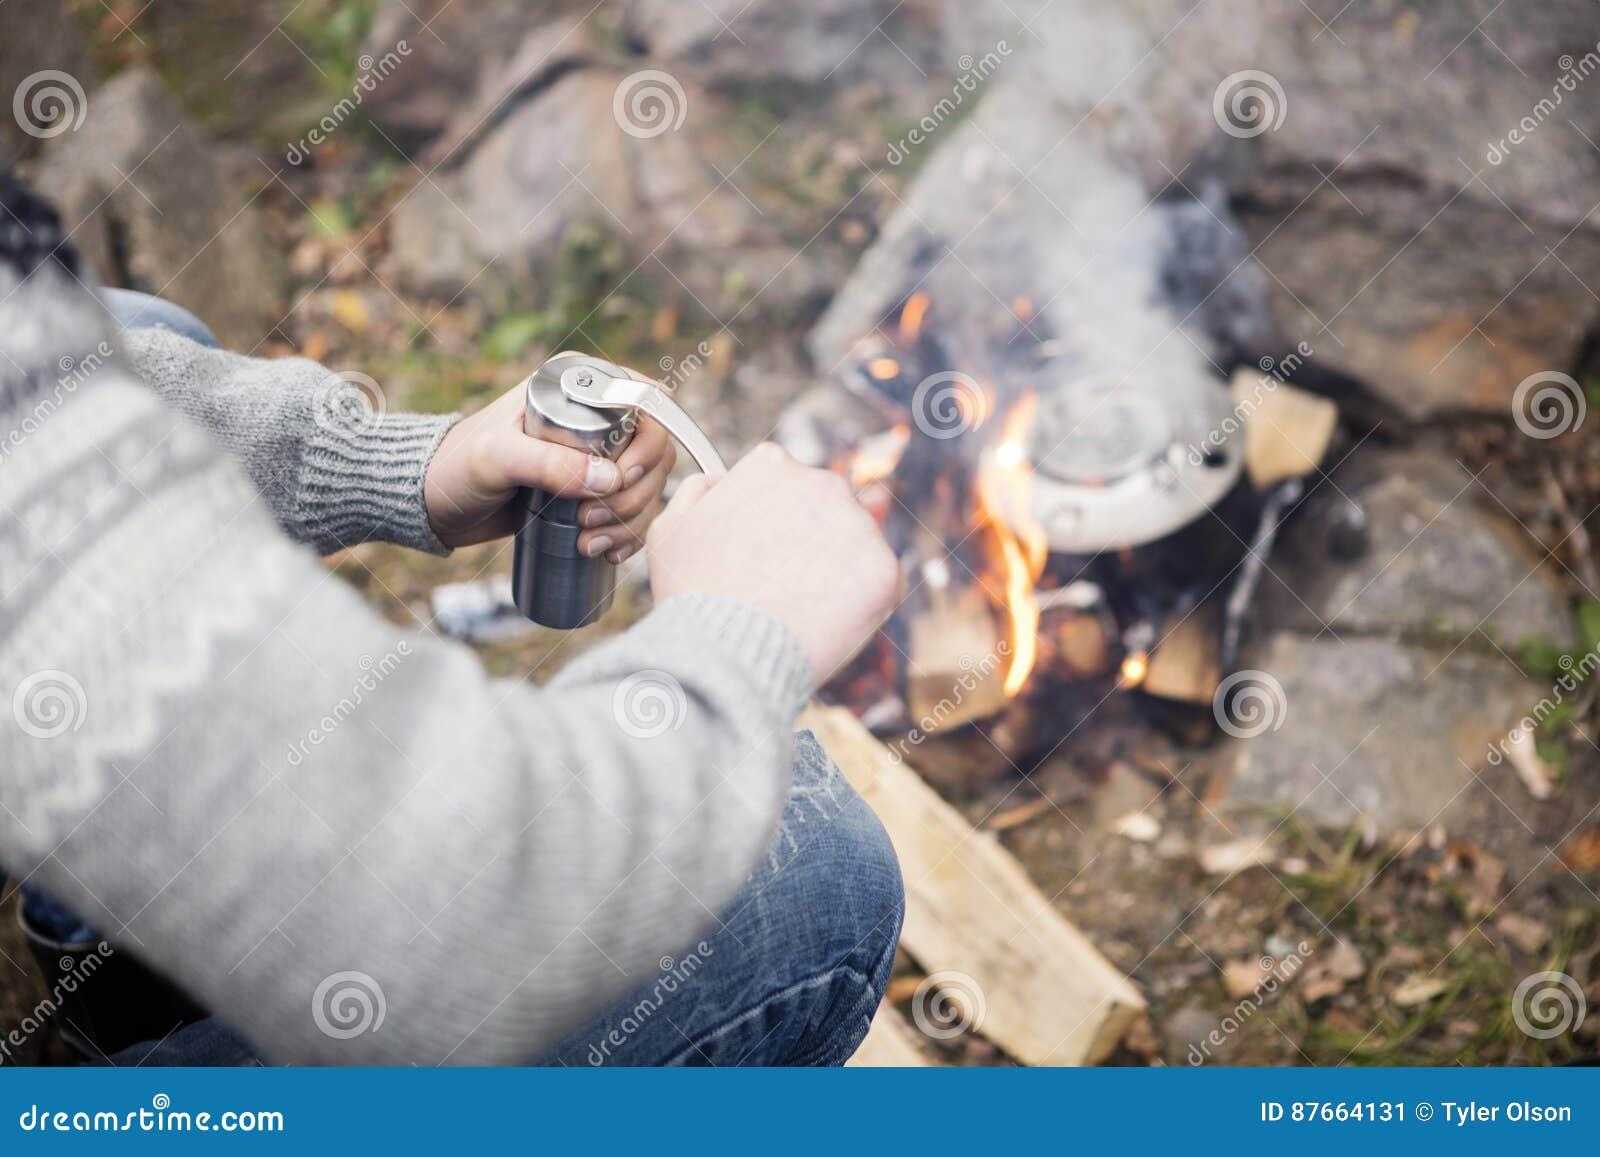 Αλέθοντας καφές ατόμων κοντά στη φωτιά στη θέση για κατασκήνωση